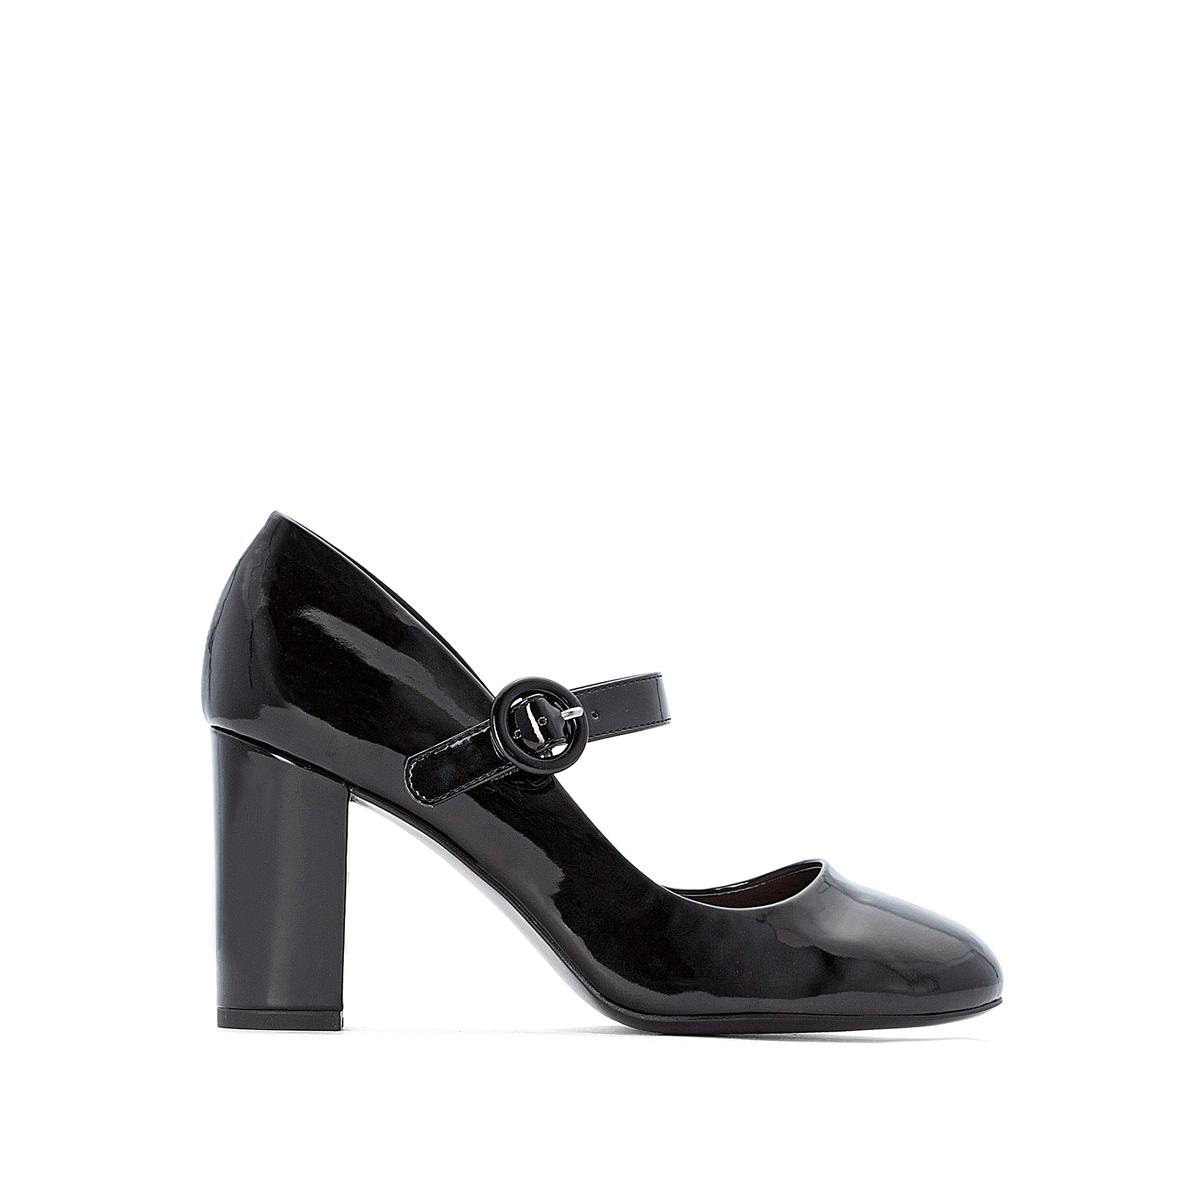 цена Туфли La Redoute Лакированные с ремешком на пряжке 38 черный онлайн в 2017 году